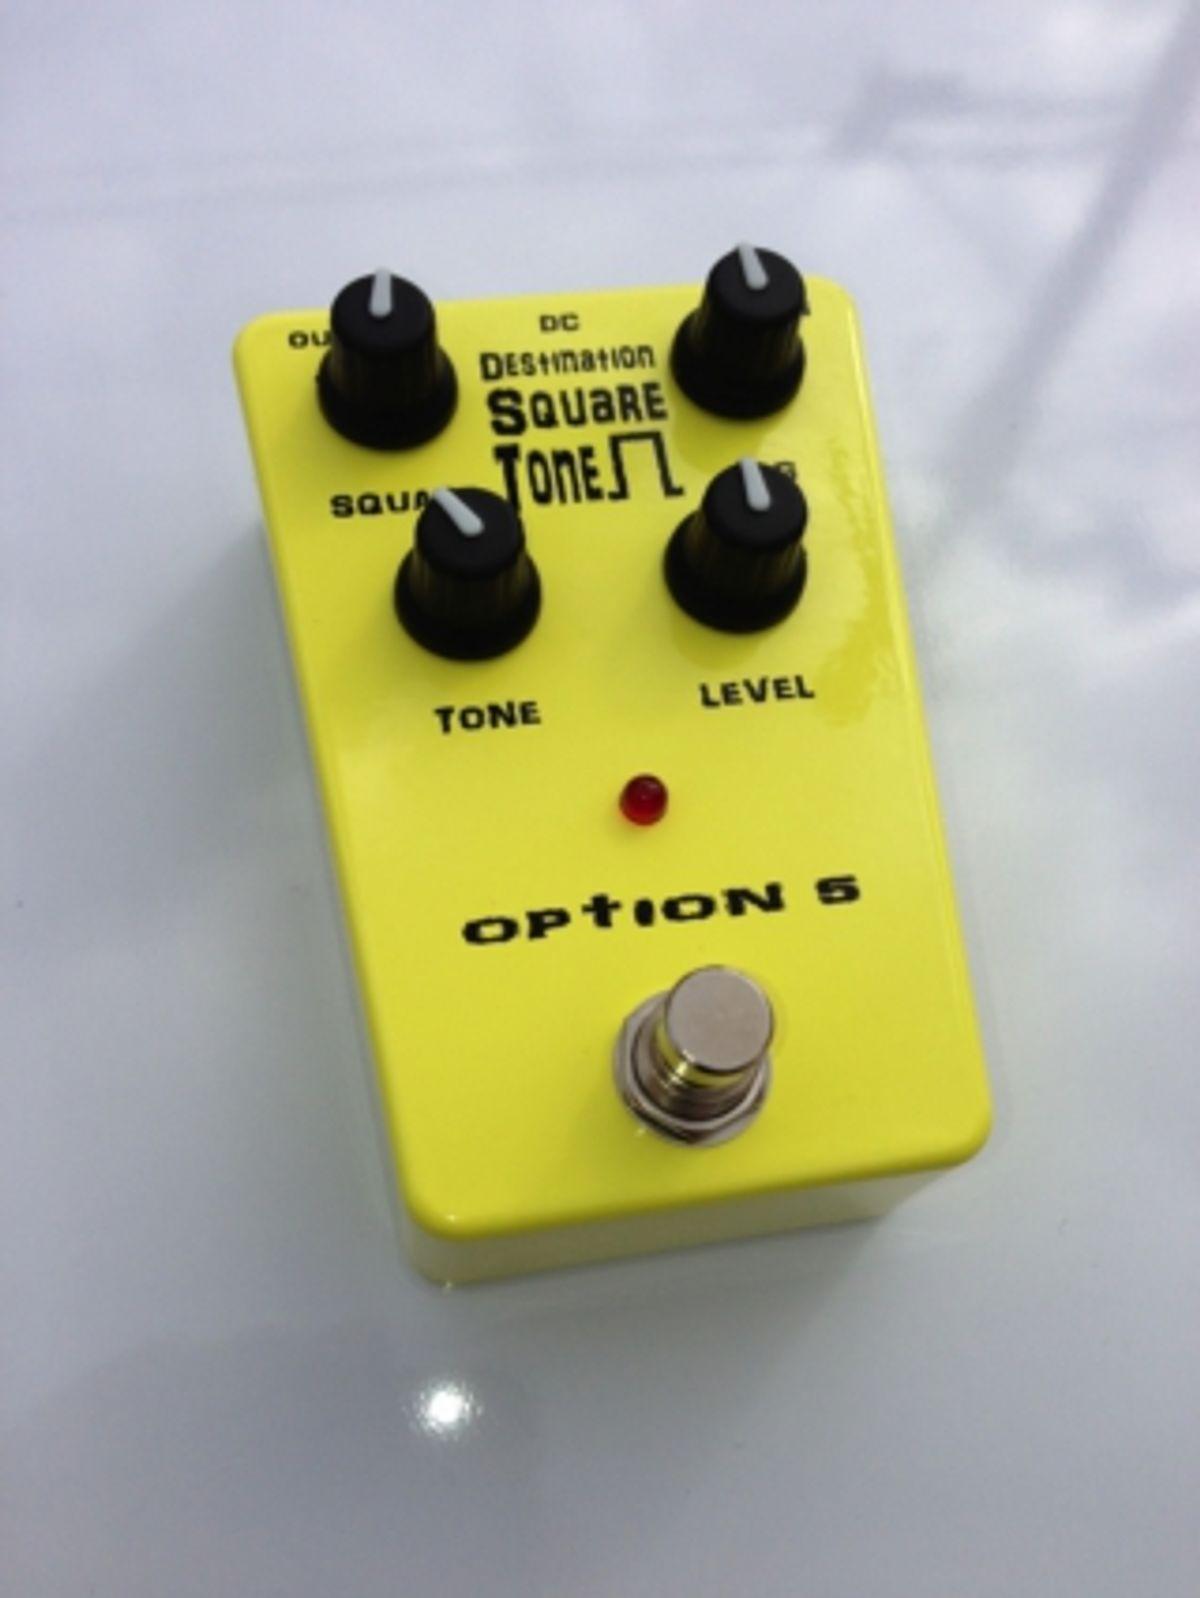 Option 5 Unveils Destination Square Tone Fuzz Pedal